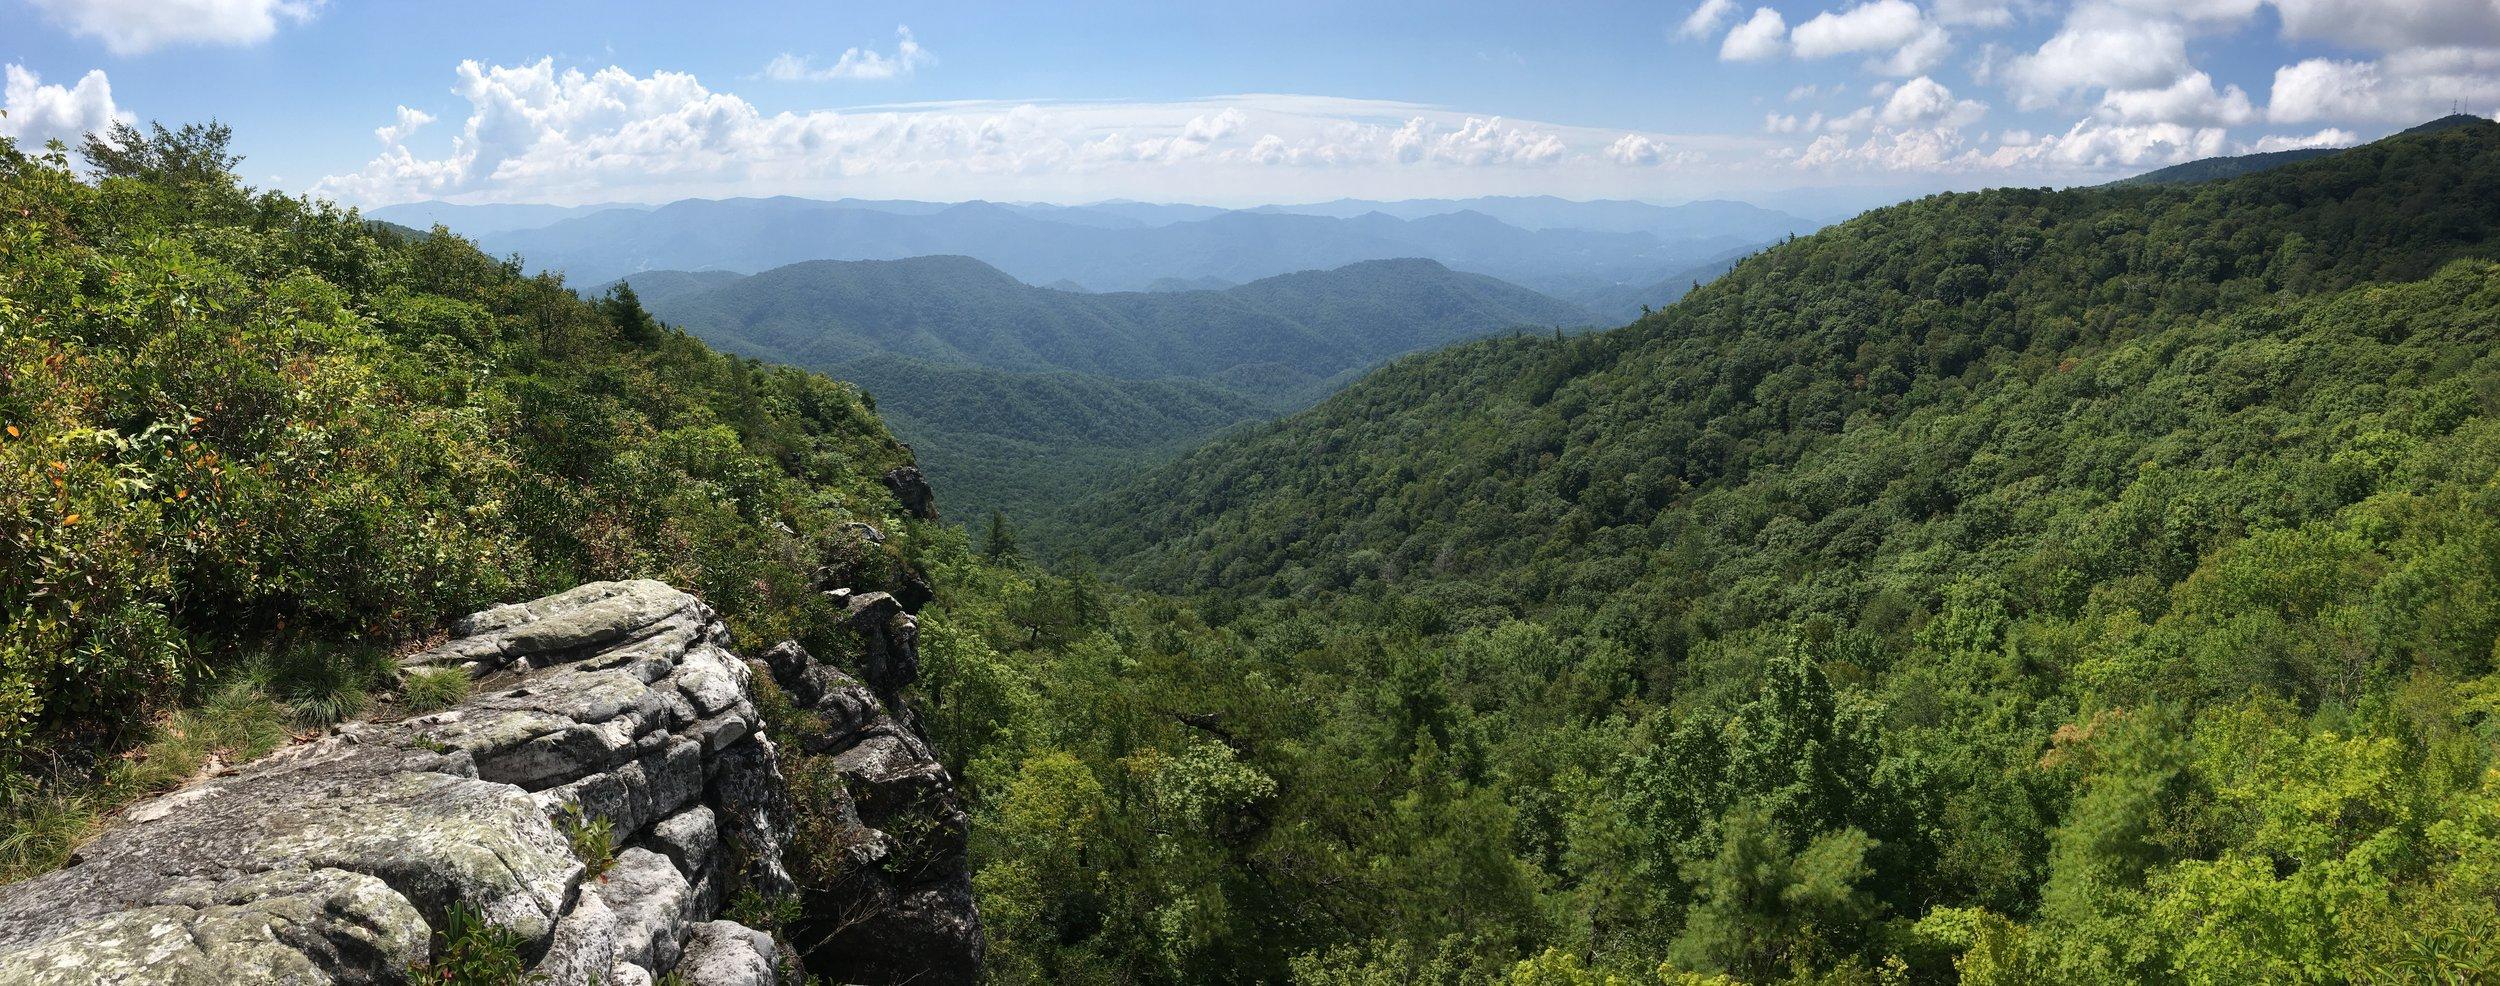 Whiterock Cliffs